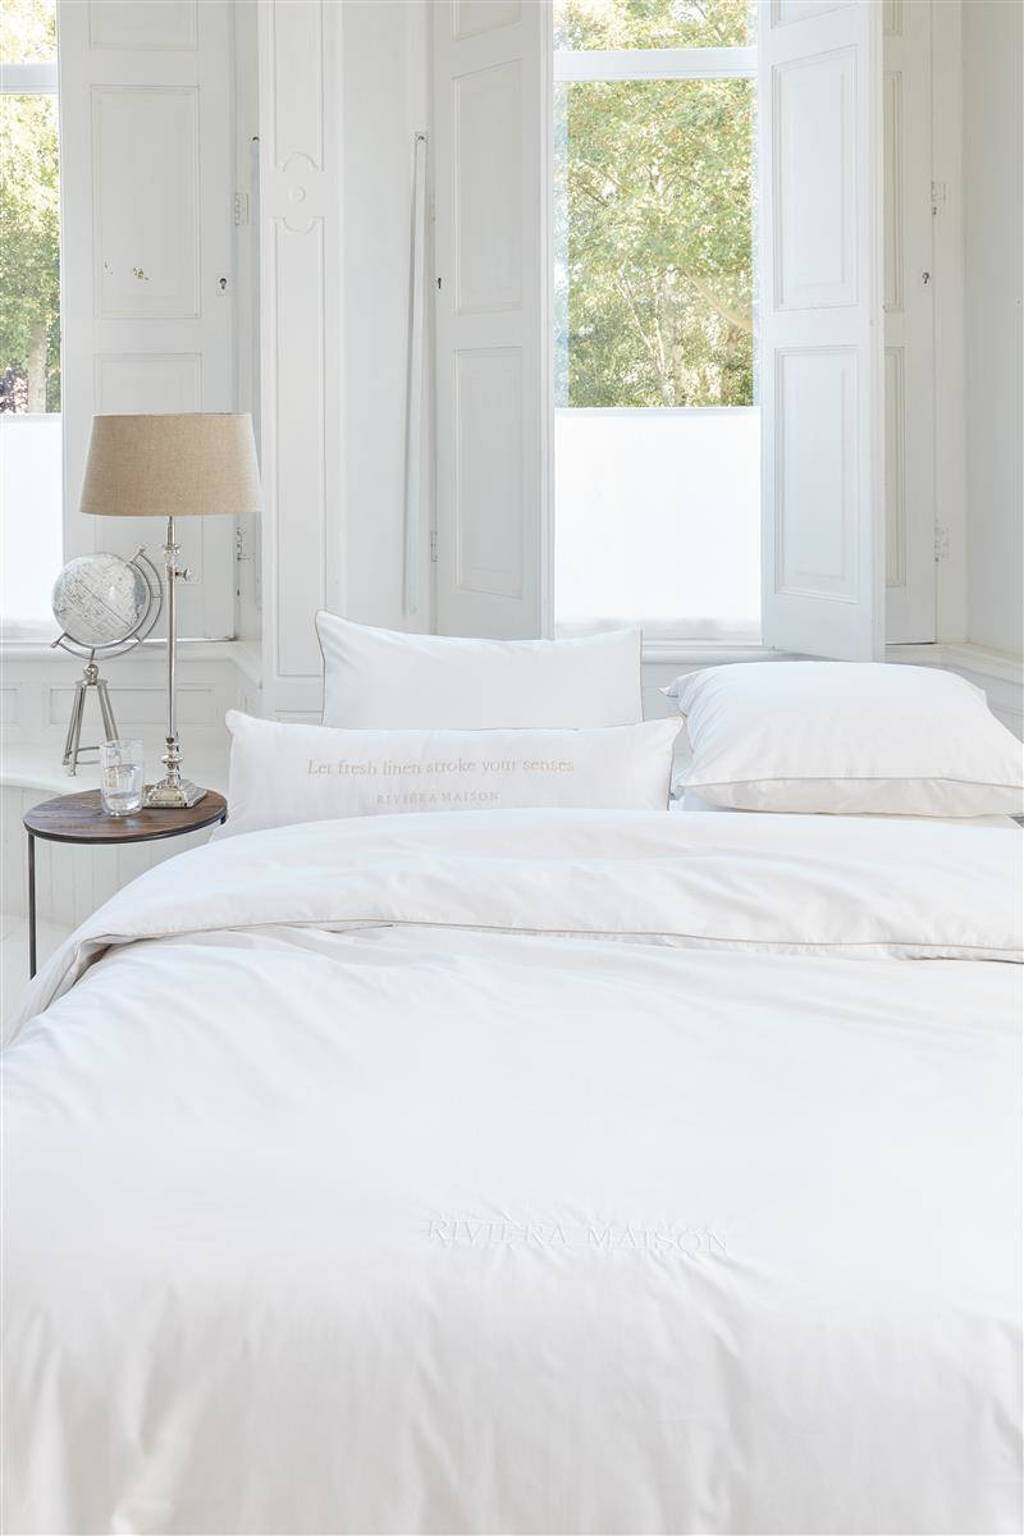 Riviera Maison katoensatijnen dekbedovertrek lits-jumeaux, Lits-jumeaux (240 cm breed)